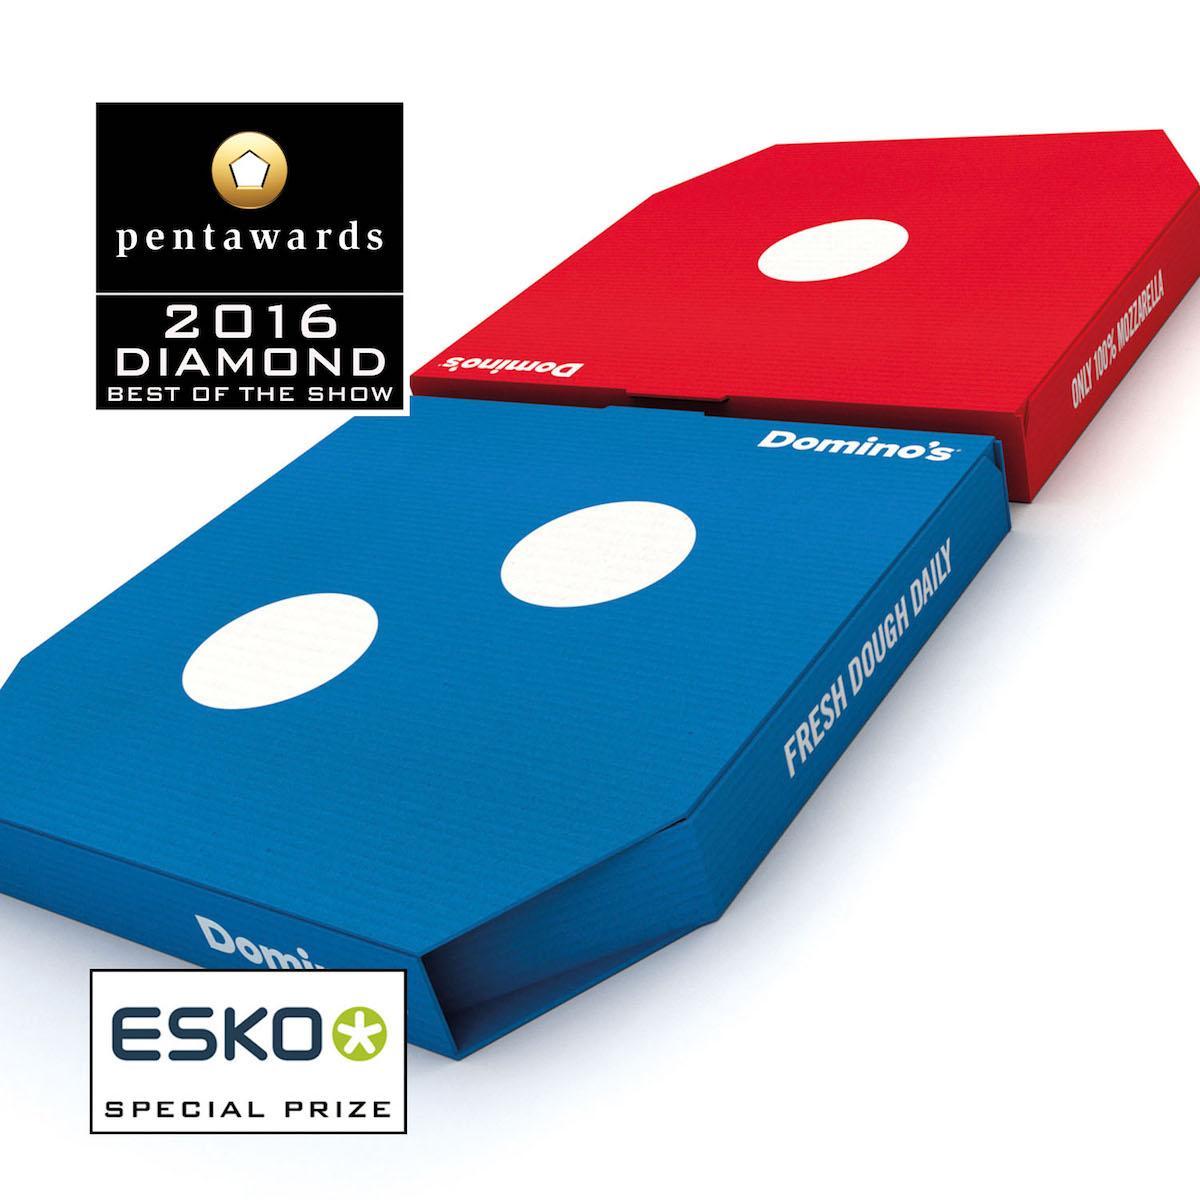 001-jkr-dominos